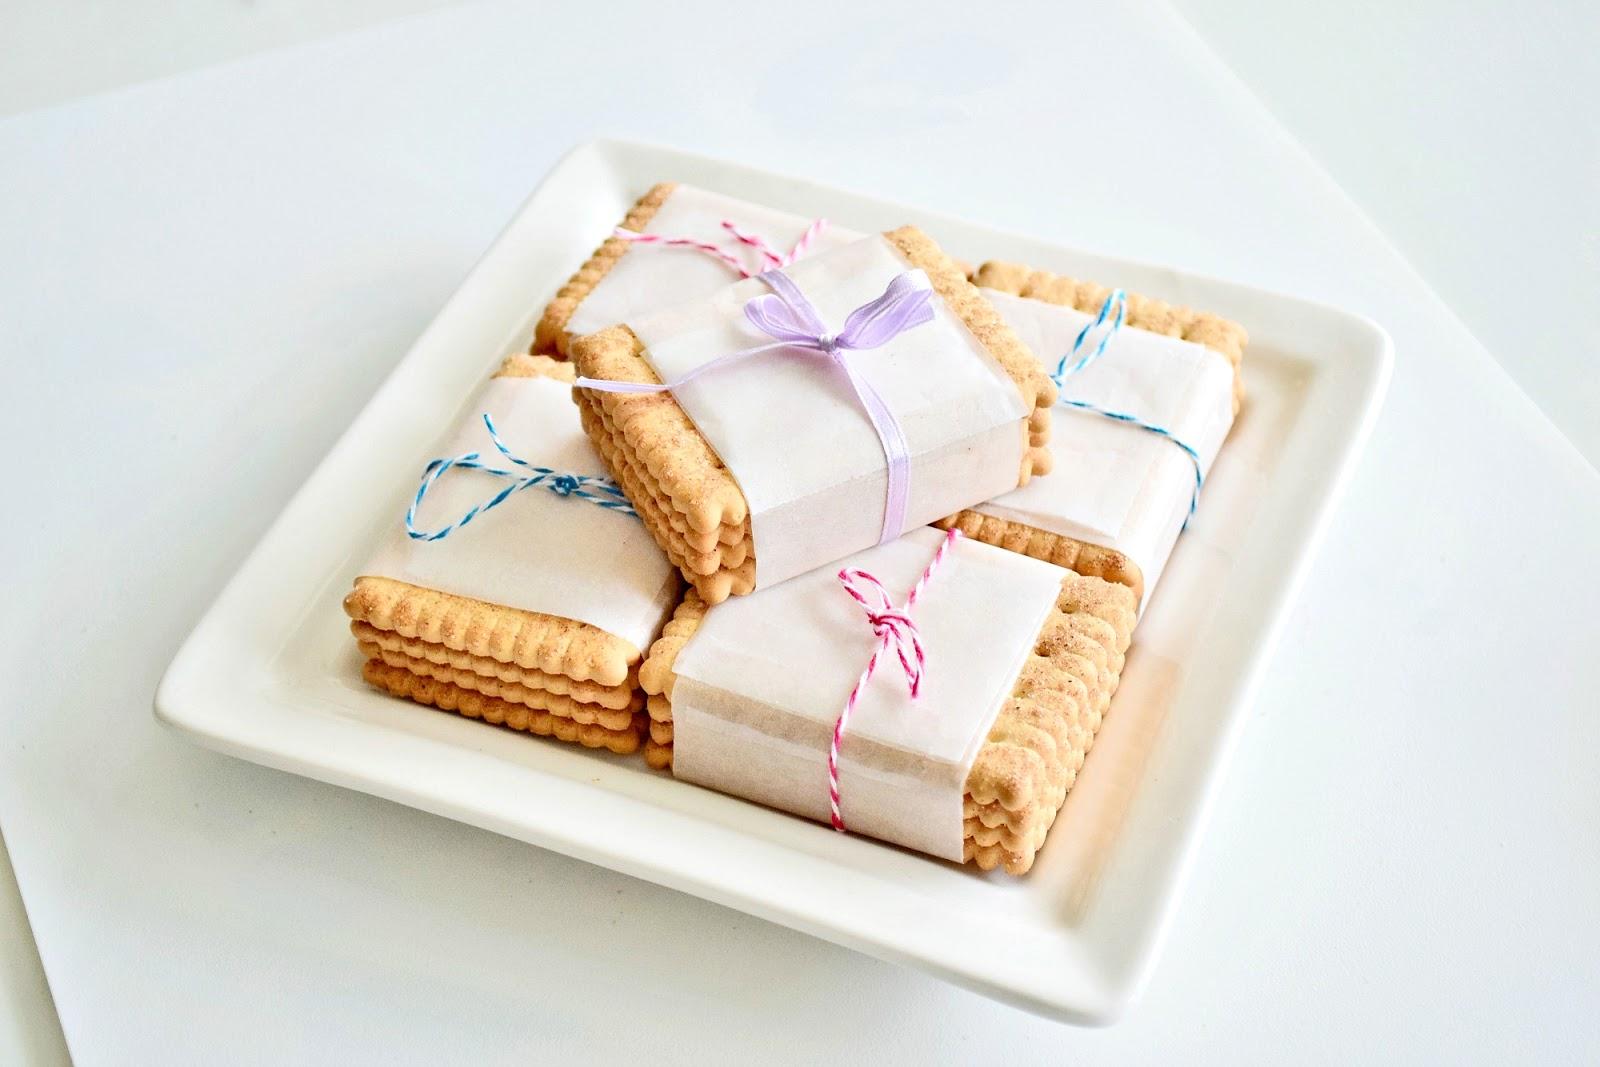 ładnie zapakowane ciastka